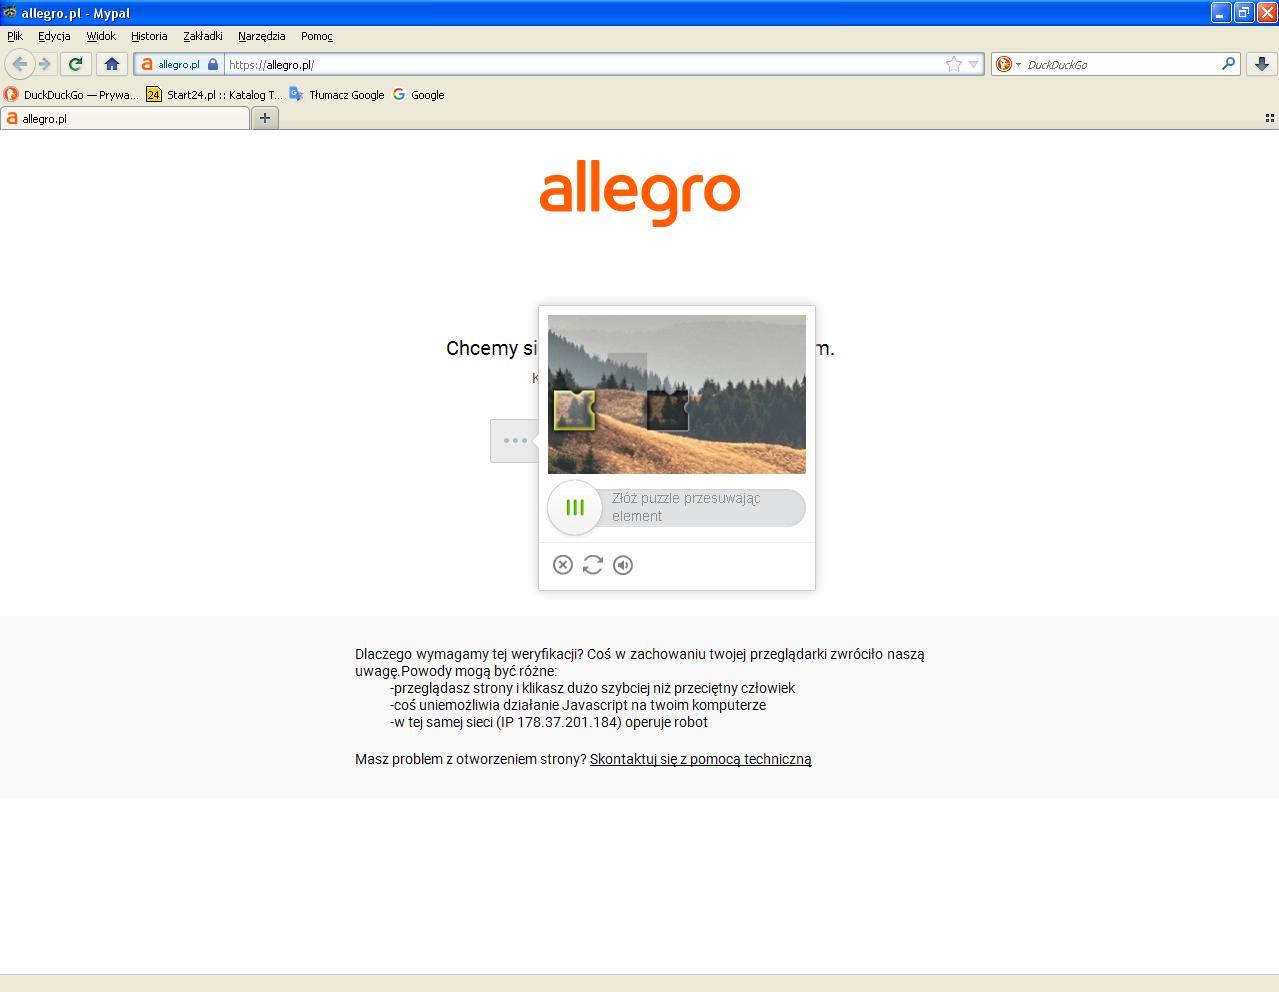 Jak Wyeliminowac Captcha Podczas Proby Wejscia Na Strone Allegro Nawet Bez Logowania Spolecznosc Allegro 177085